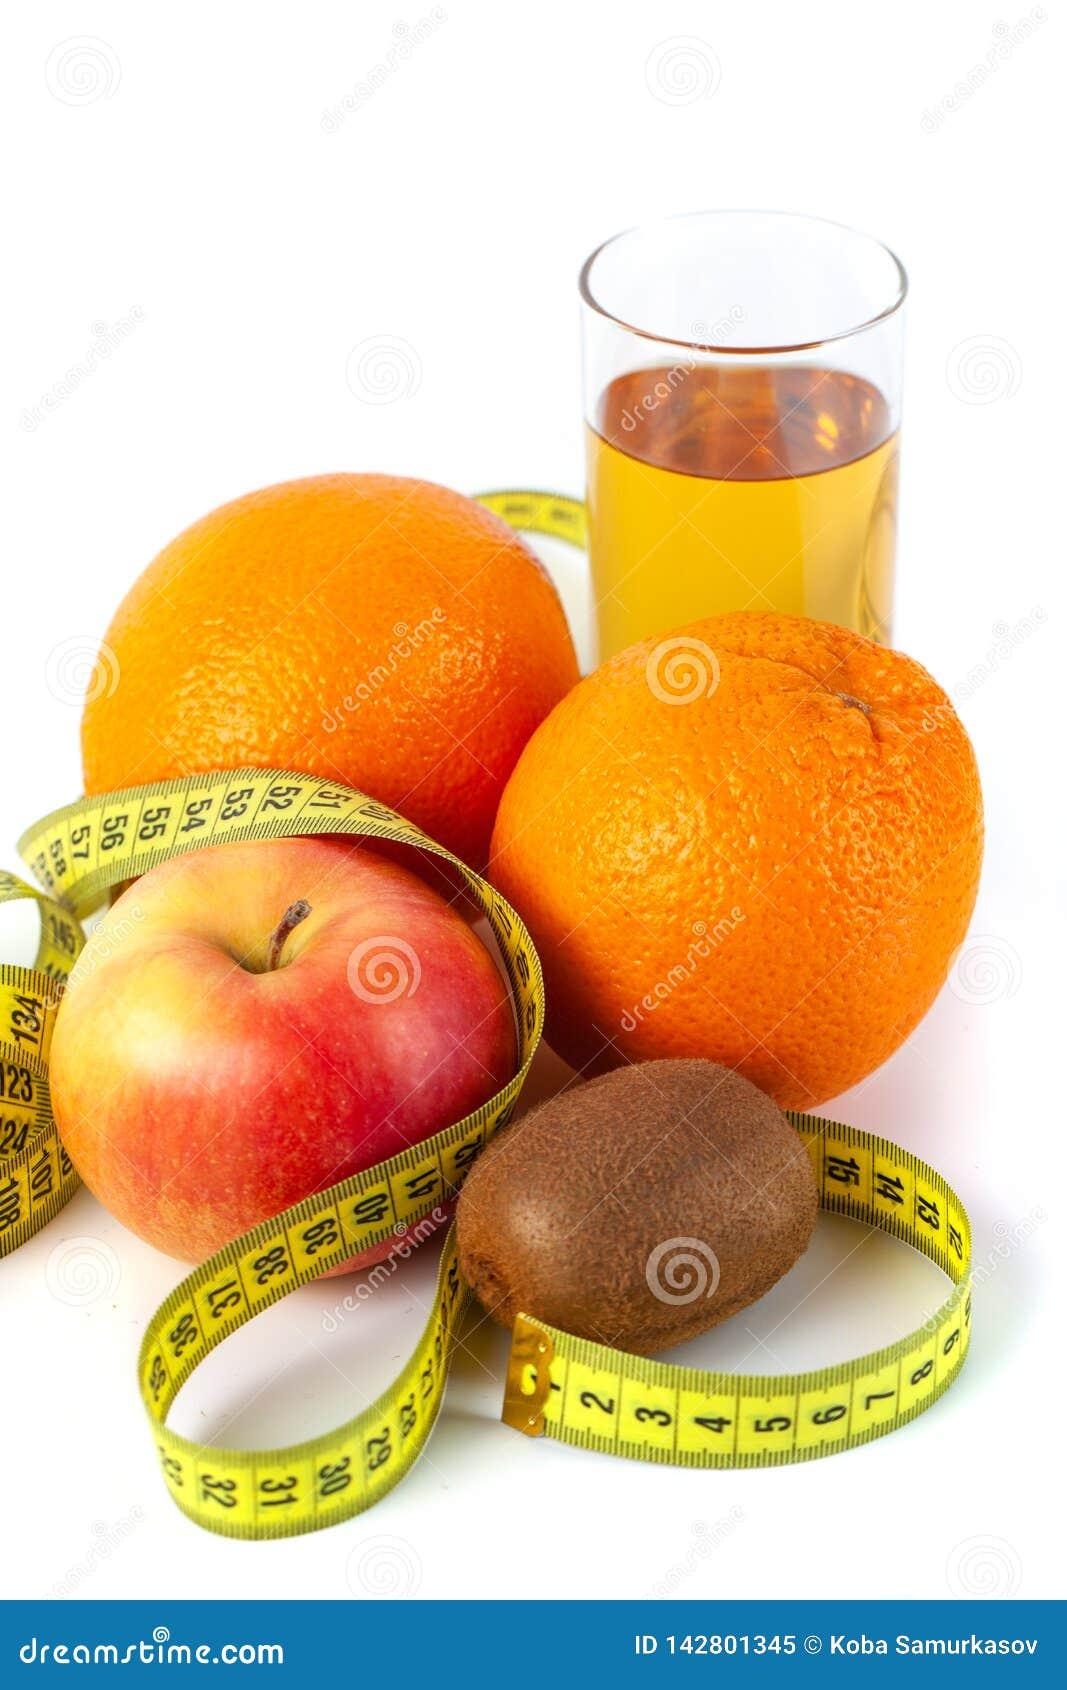 Apple, laranja, quivi e suco de maçã com fita métrica no fundo branco